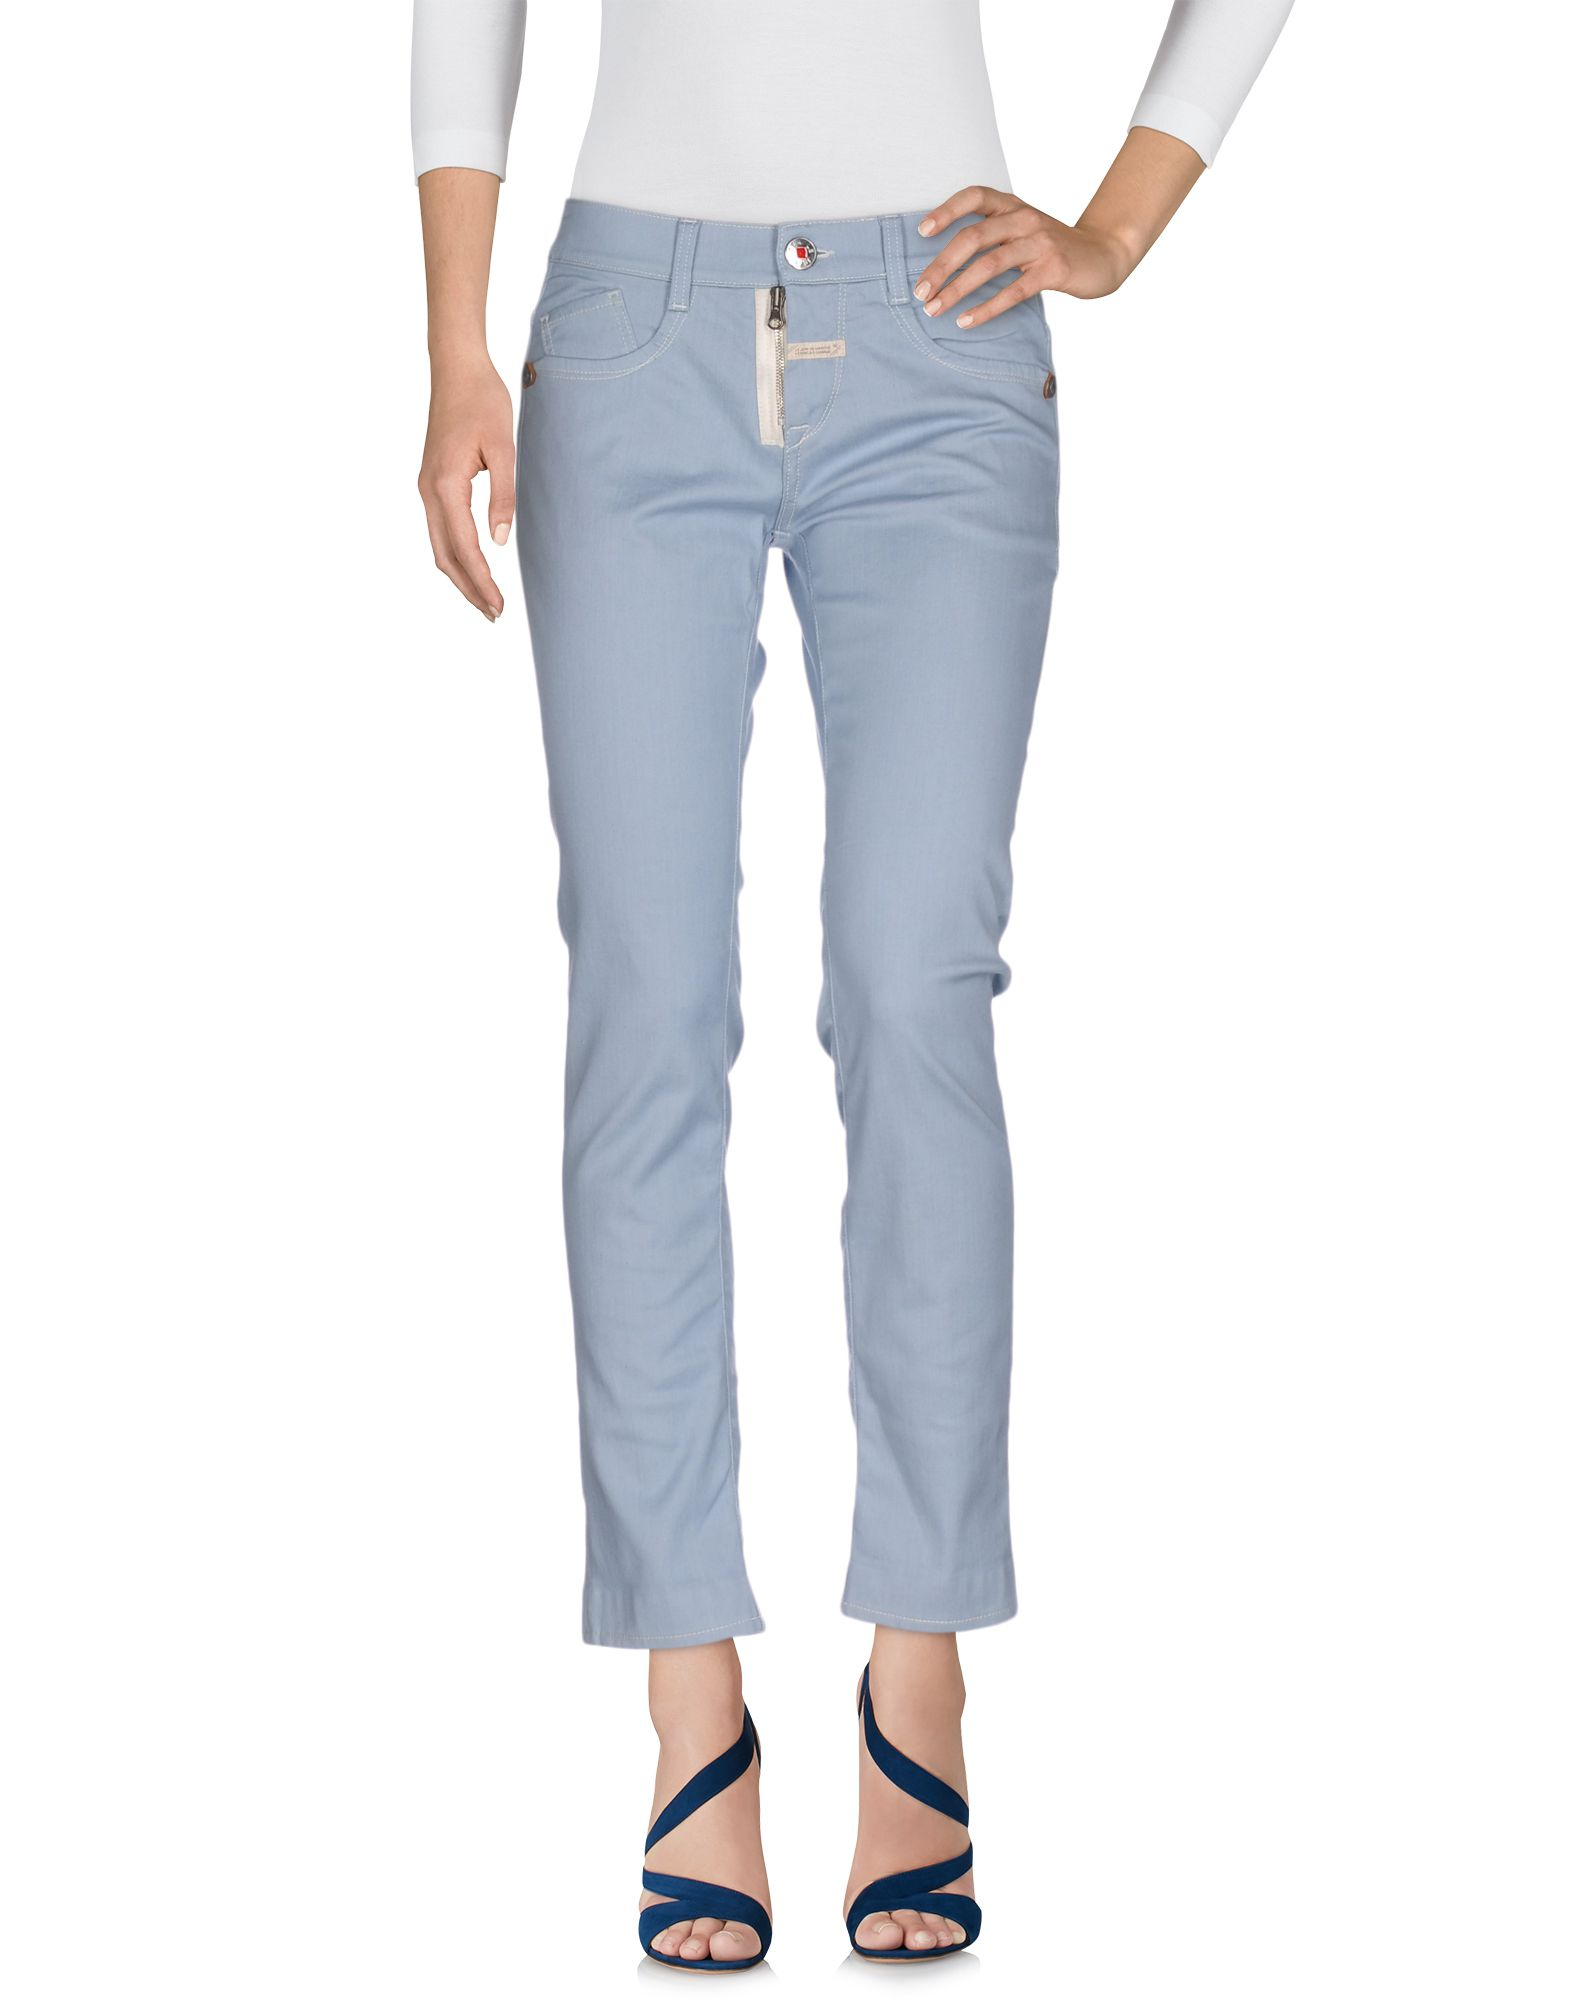 LE JEAN DE MARITHÉ + FRANÇOIS GIRBAUD Jeans